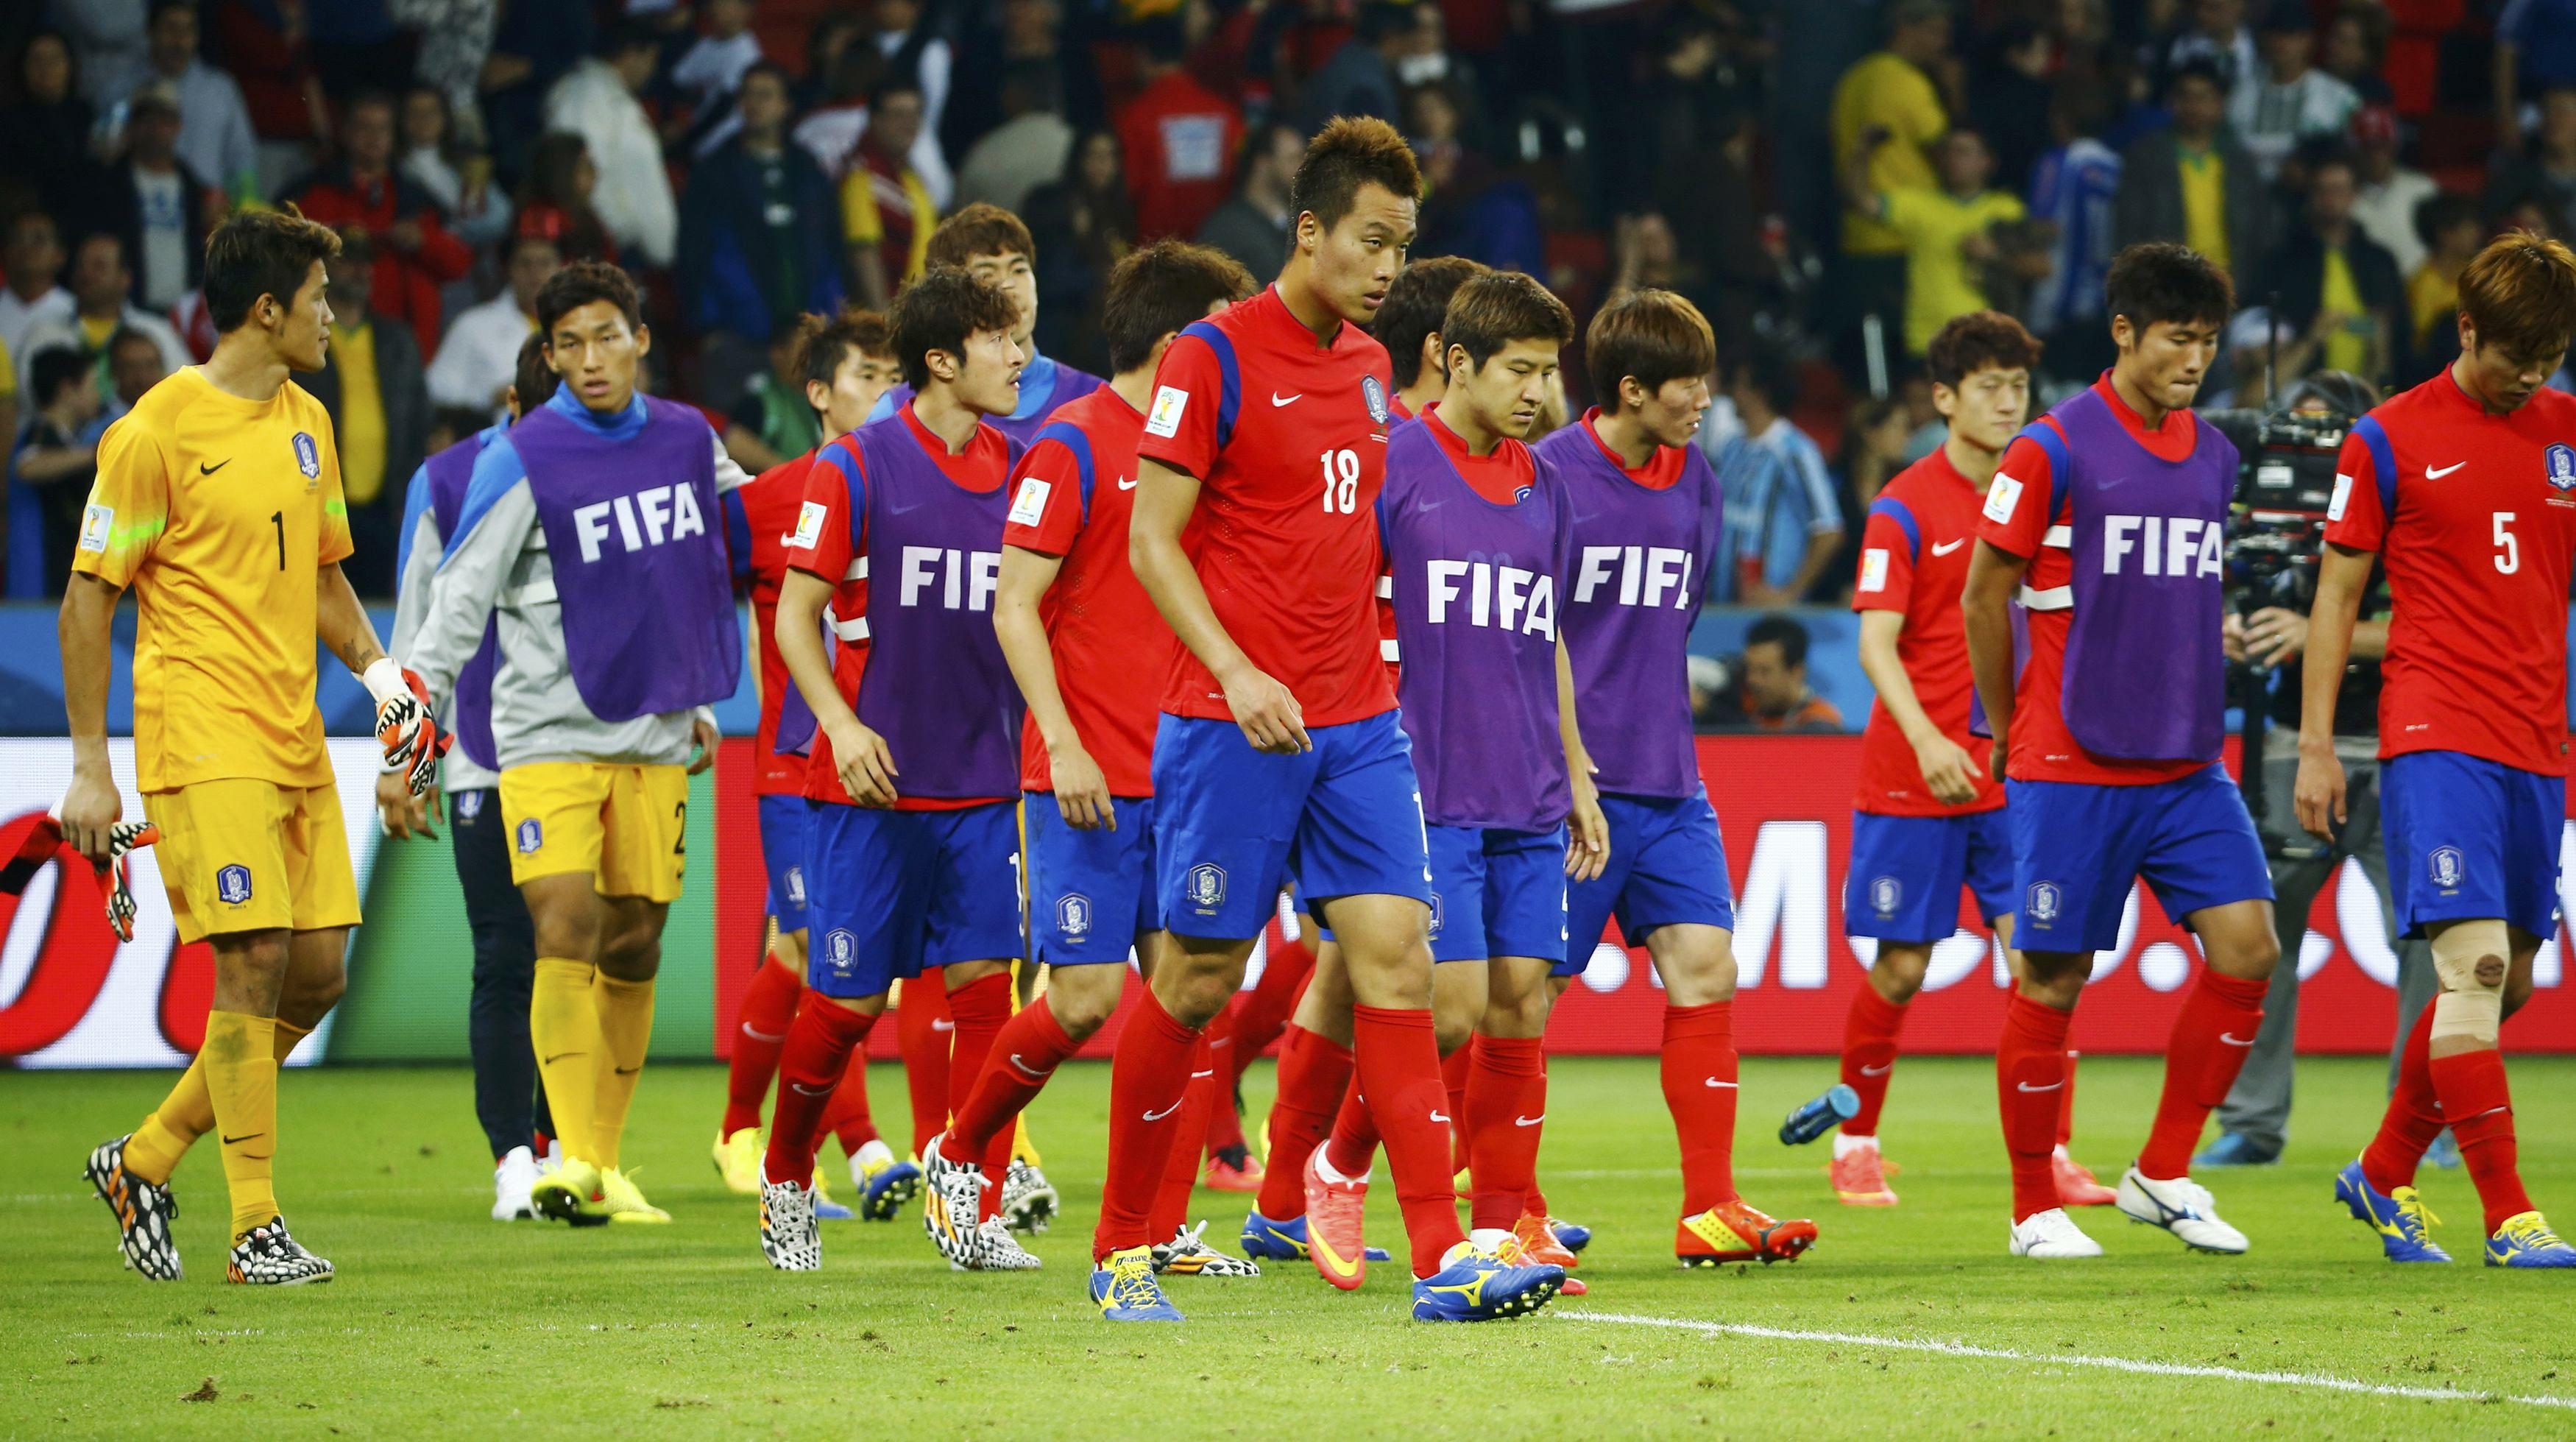 El equipo de Corea del Sur se retira cabizbajo y complica su clasificación en el Grupo H.